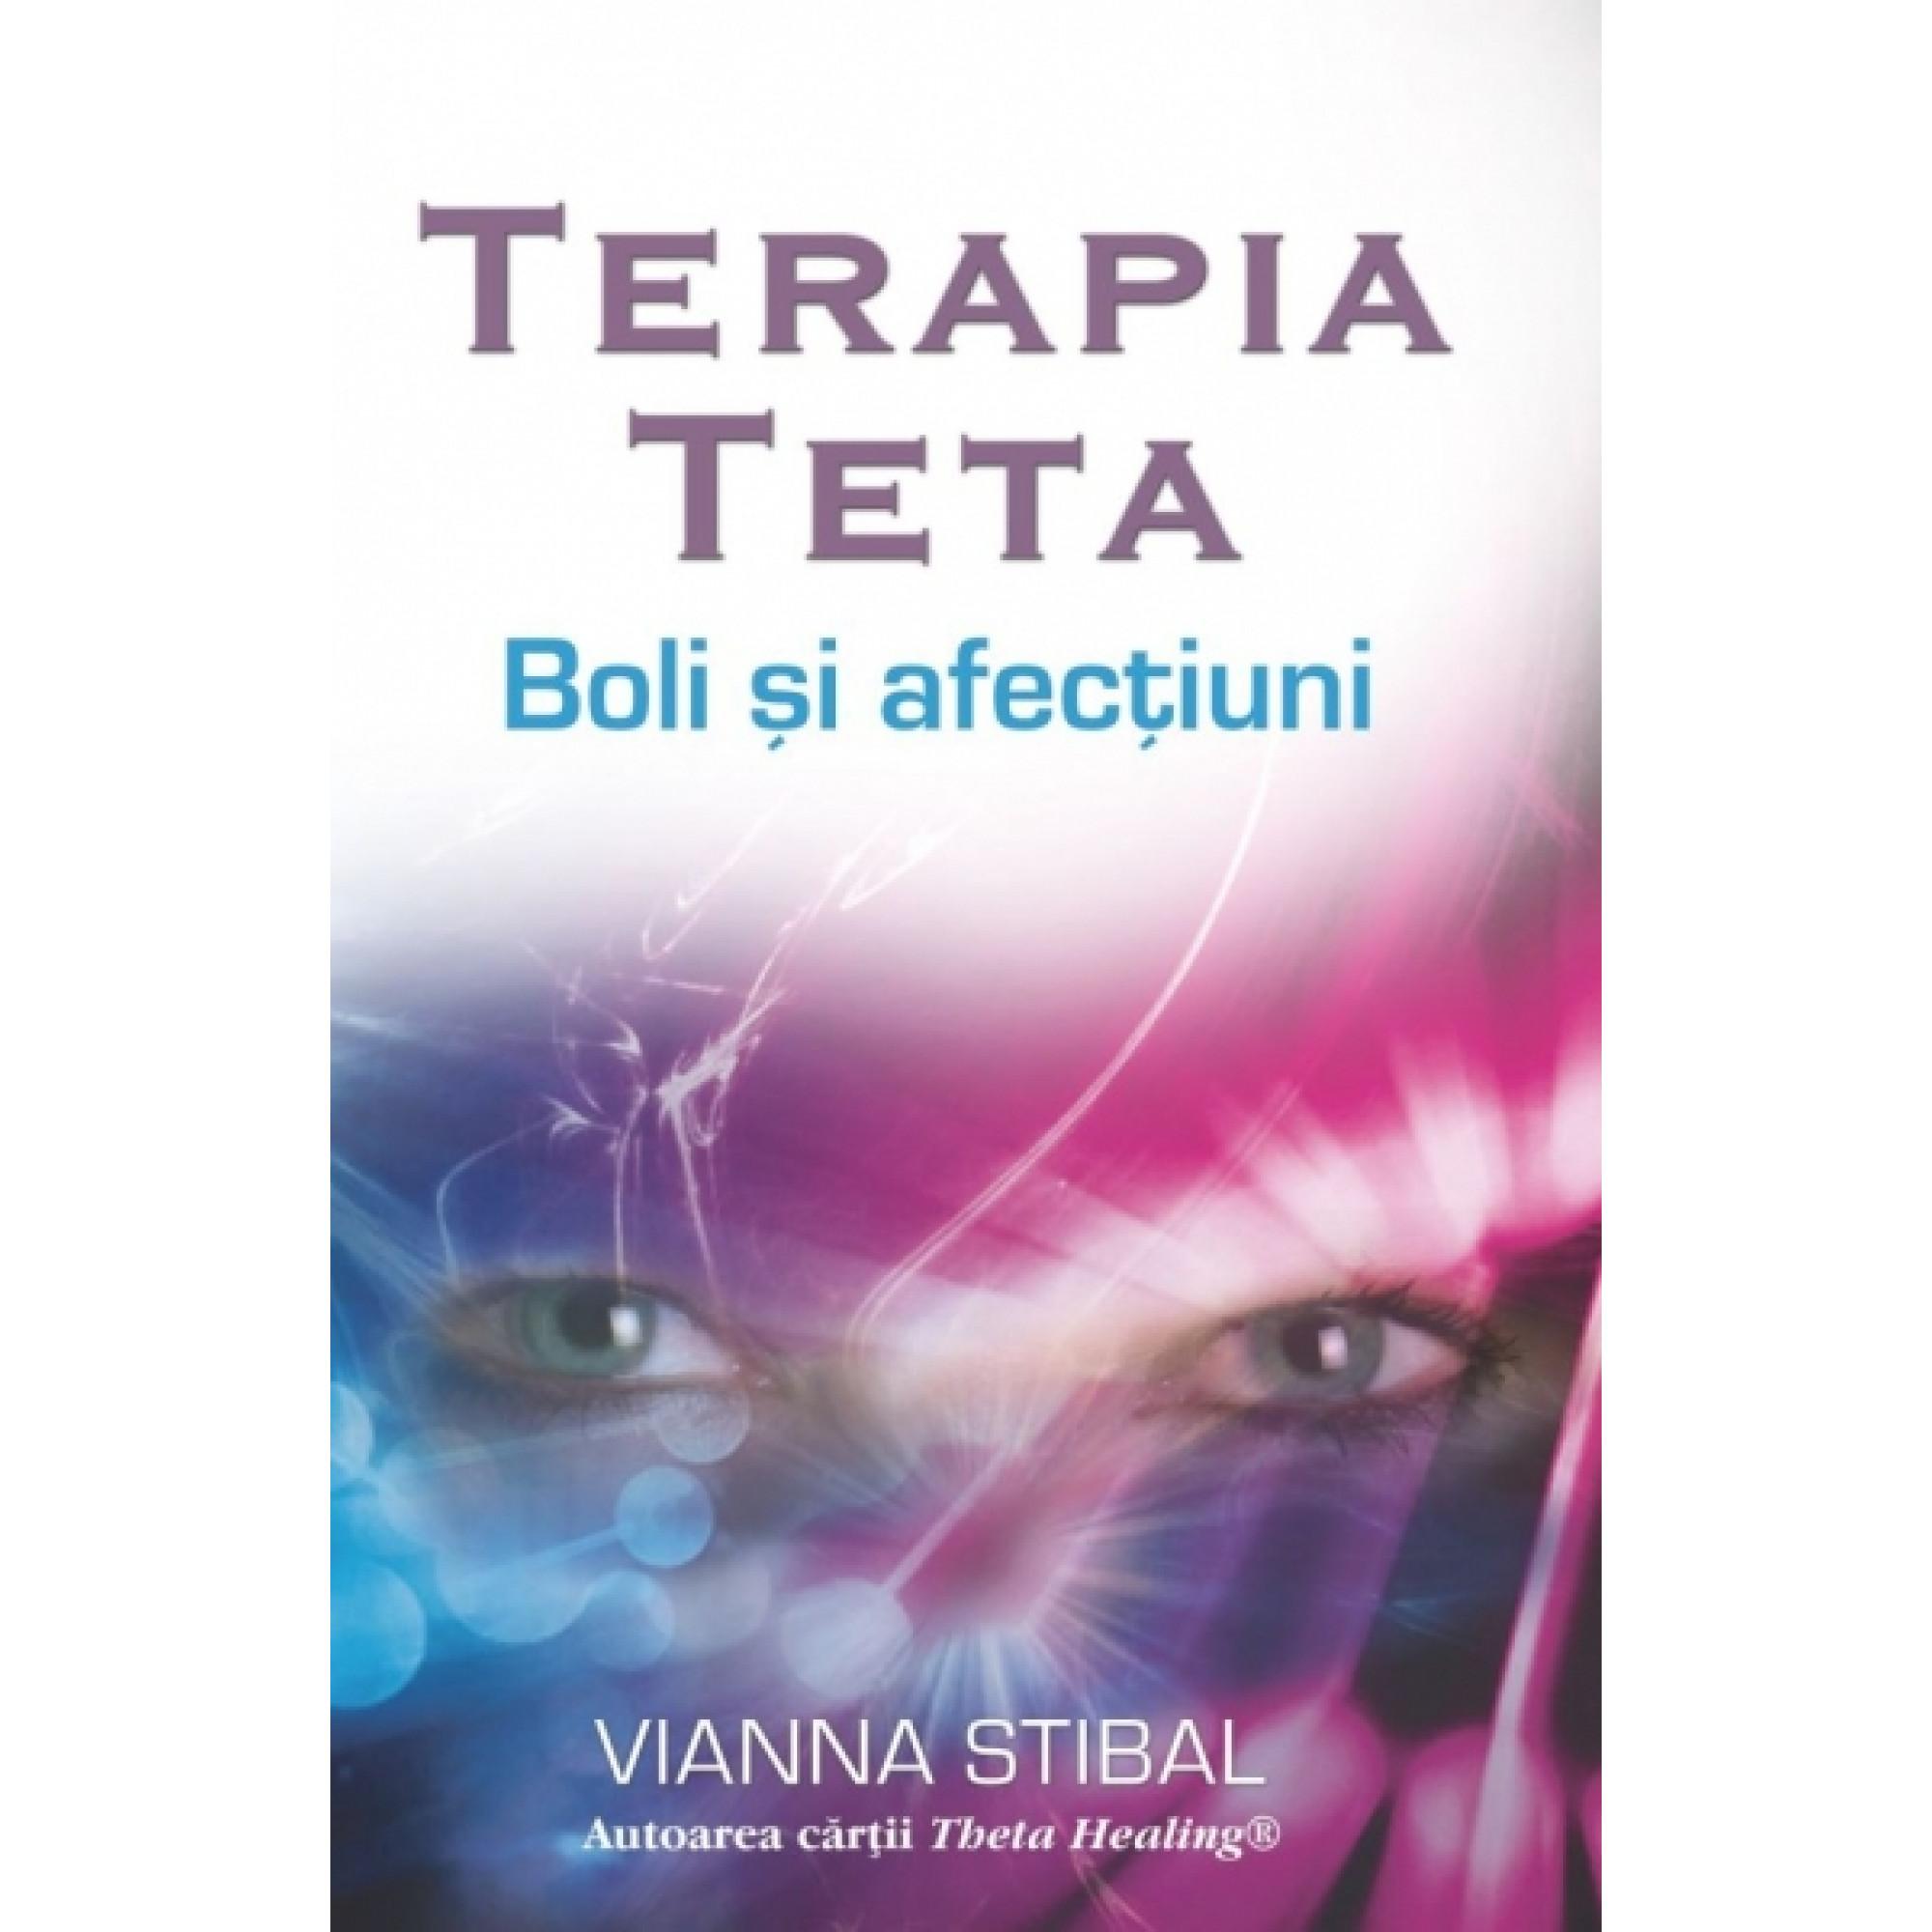 Terapia Teta – Boli şi afecţiuni; Vianna Stibal